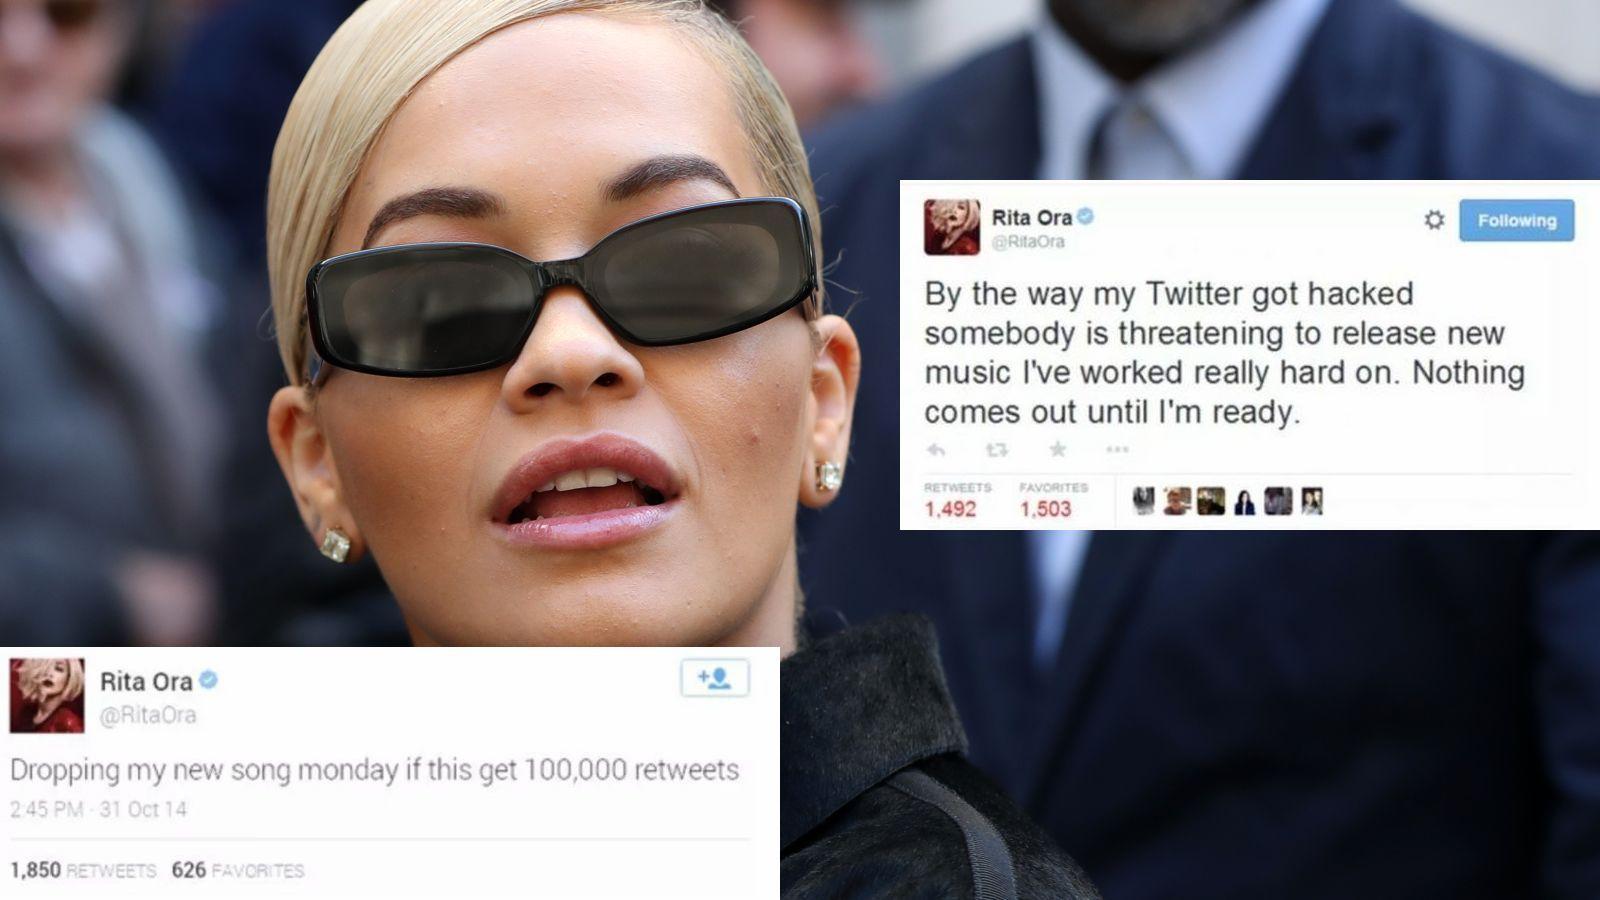 Rita Ora, ahogy egyébként sokan mások, azt hazudta, hogy meghackelték egy pár nehezen magyarázható posztot követően. (Beretta/Sims/Shutterstock/Twitter/RitaOra)